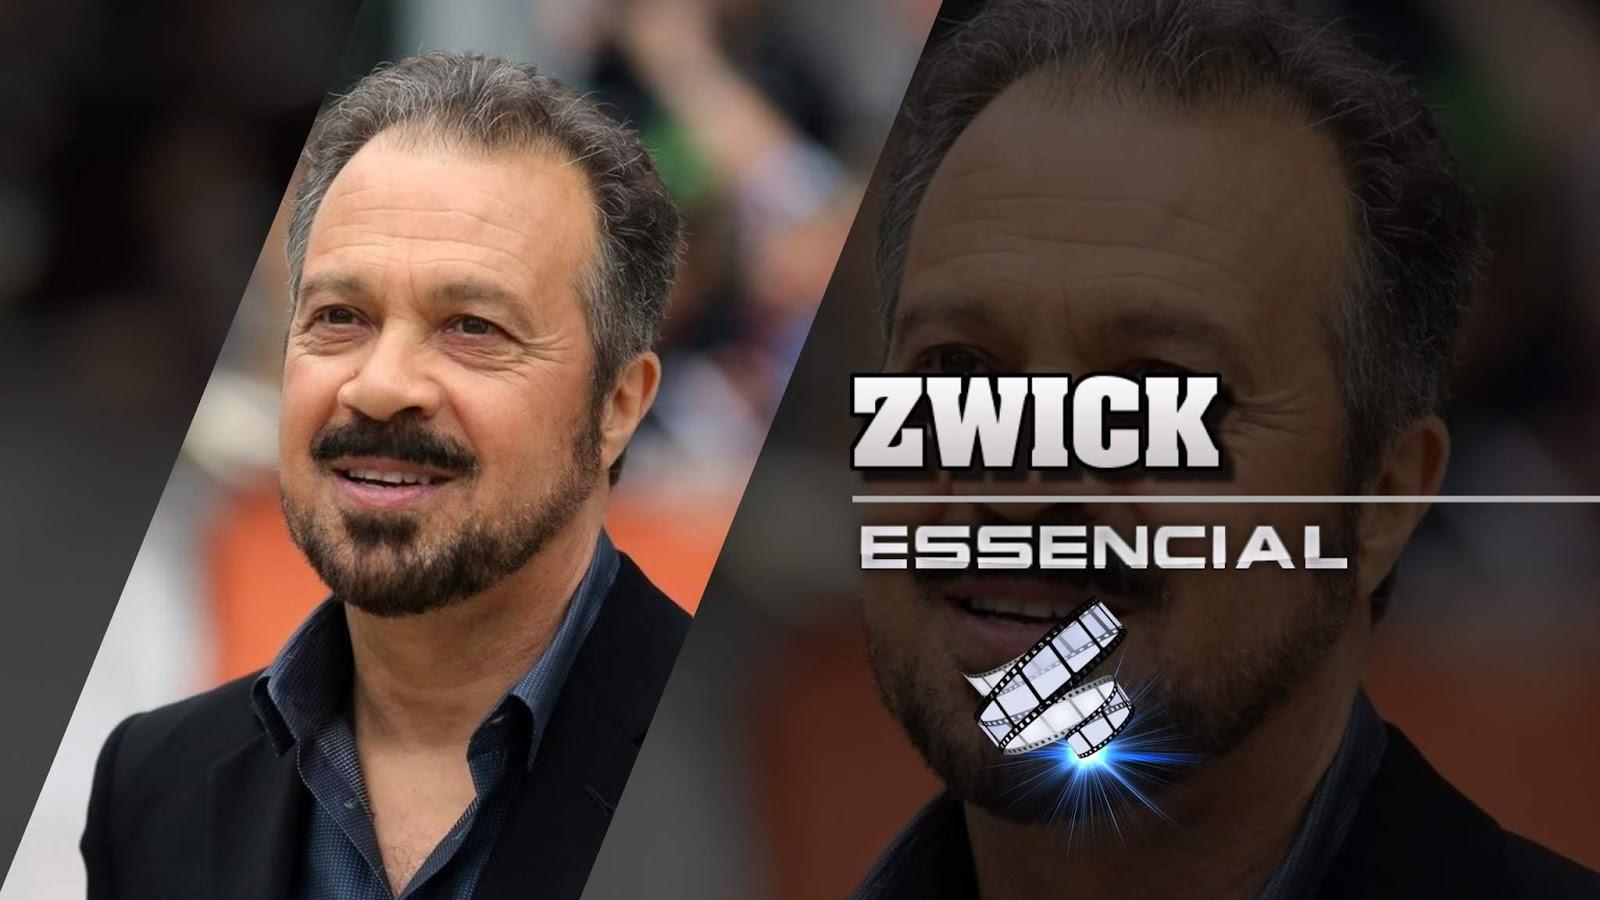 edward-zwick-10-filmes-essenciais